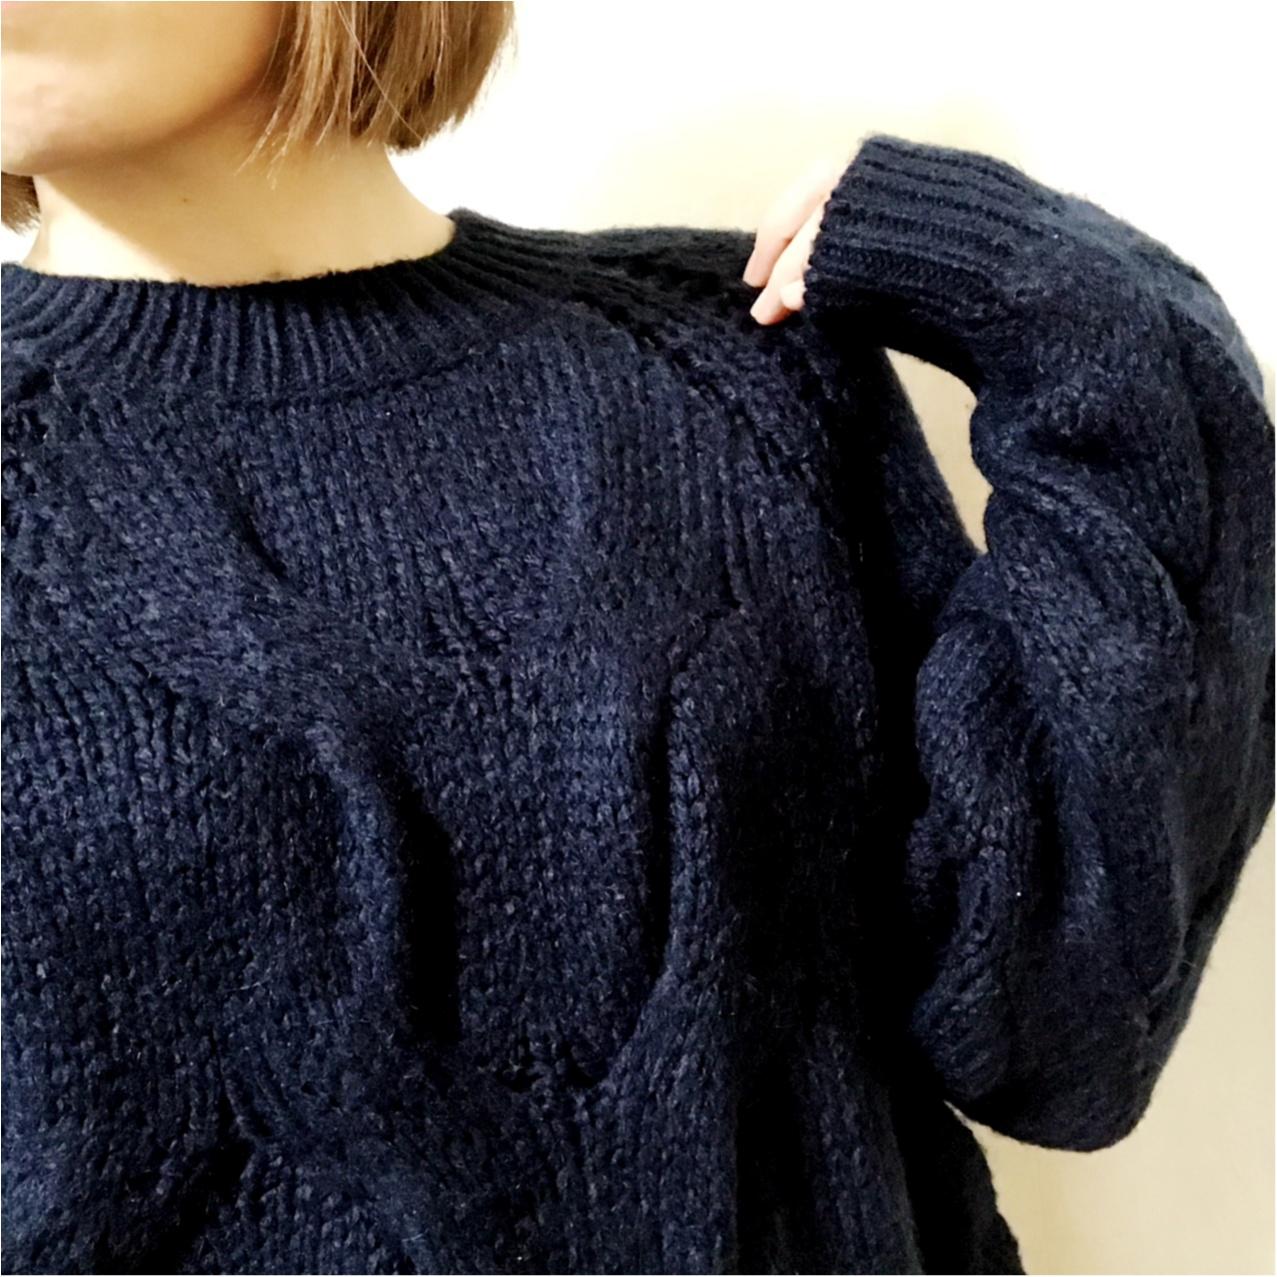 《超大型店限定》ざっくり感がかわいすぎっ♡ GUのケーブルセーター!_4